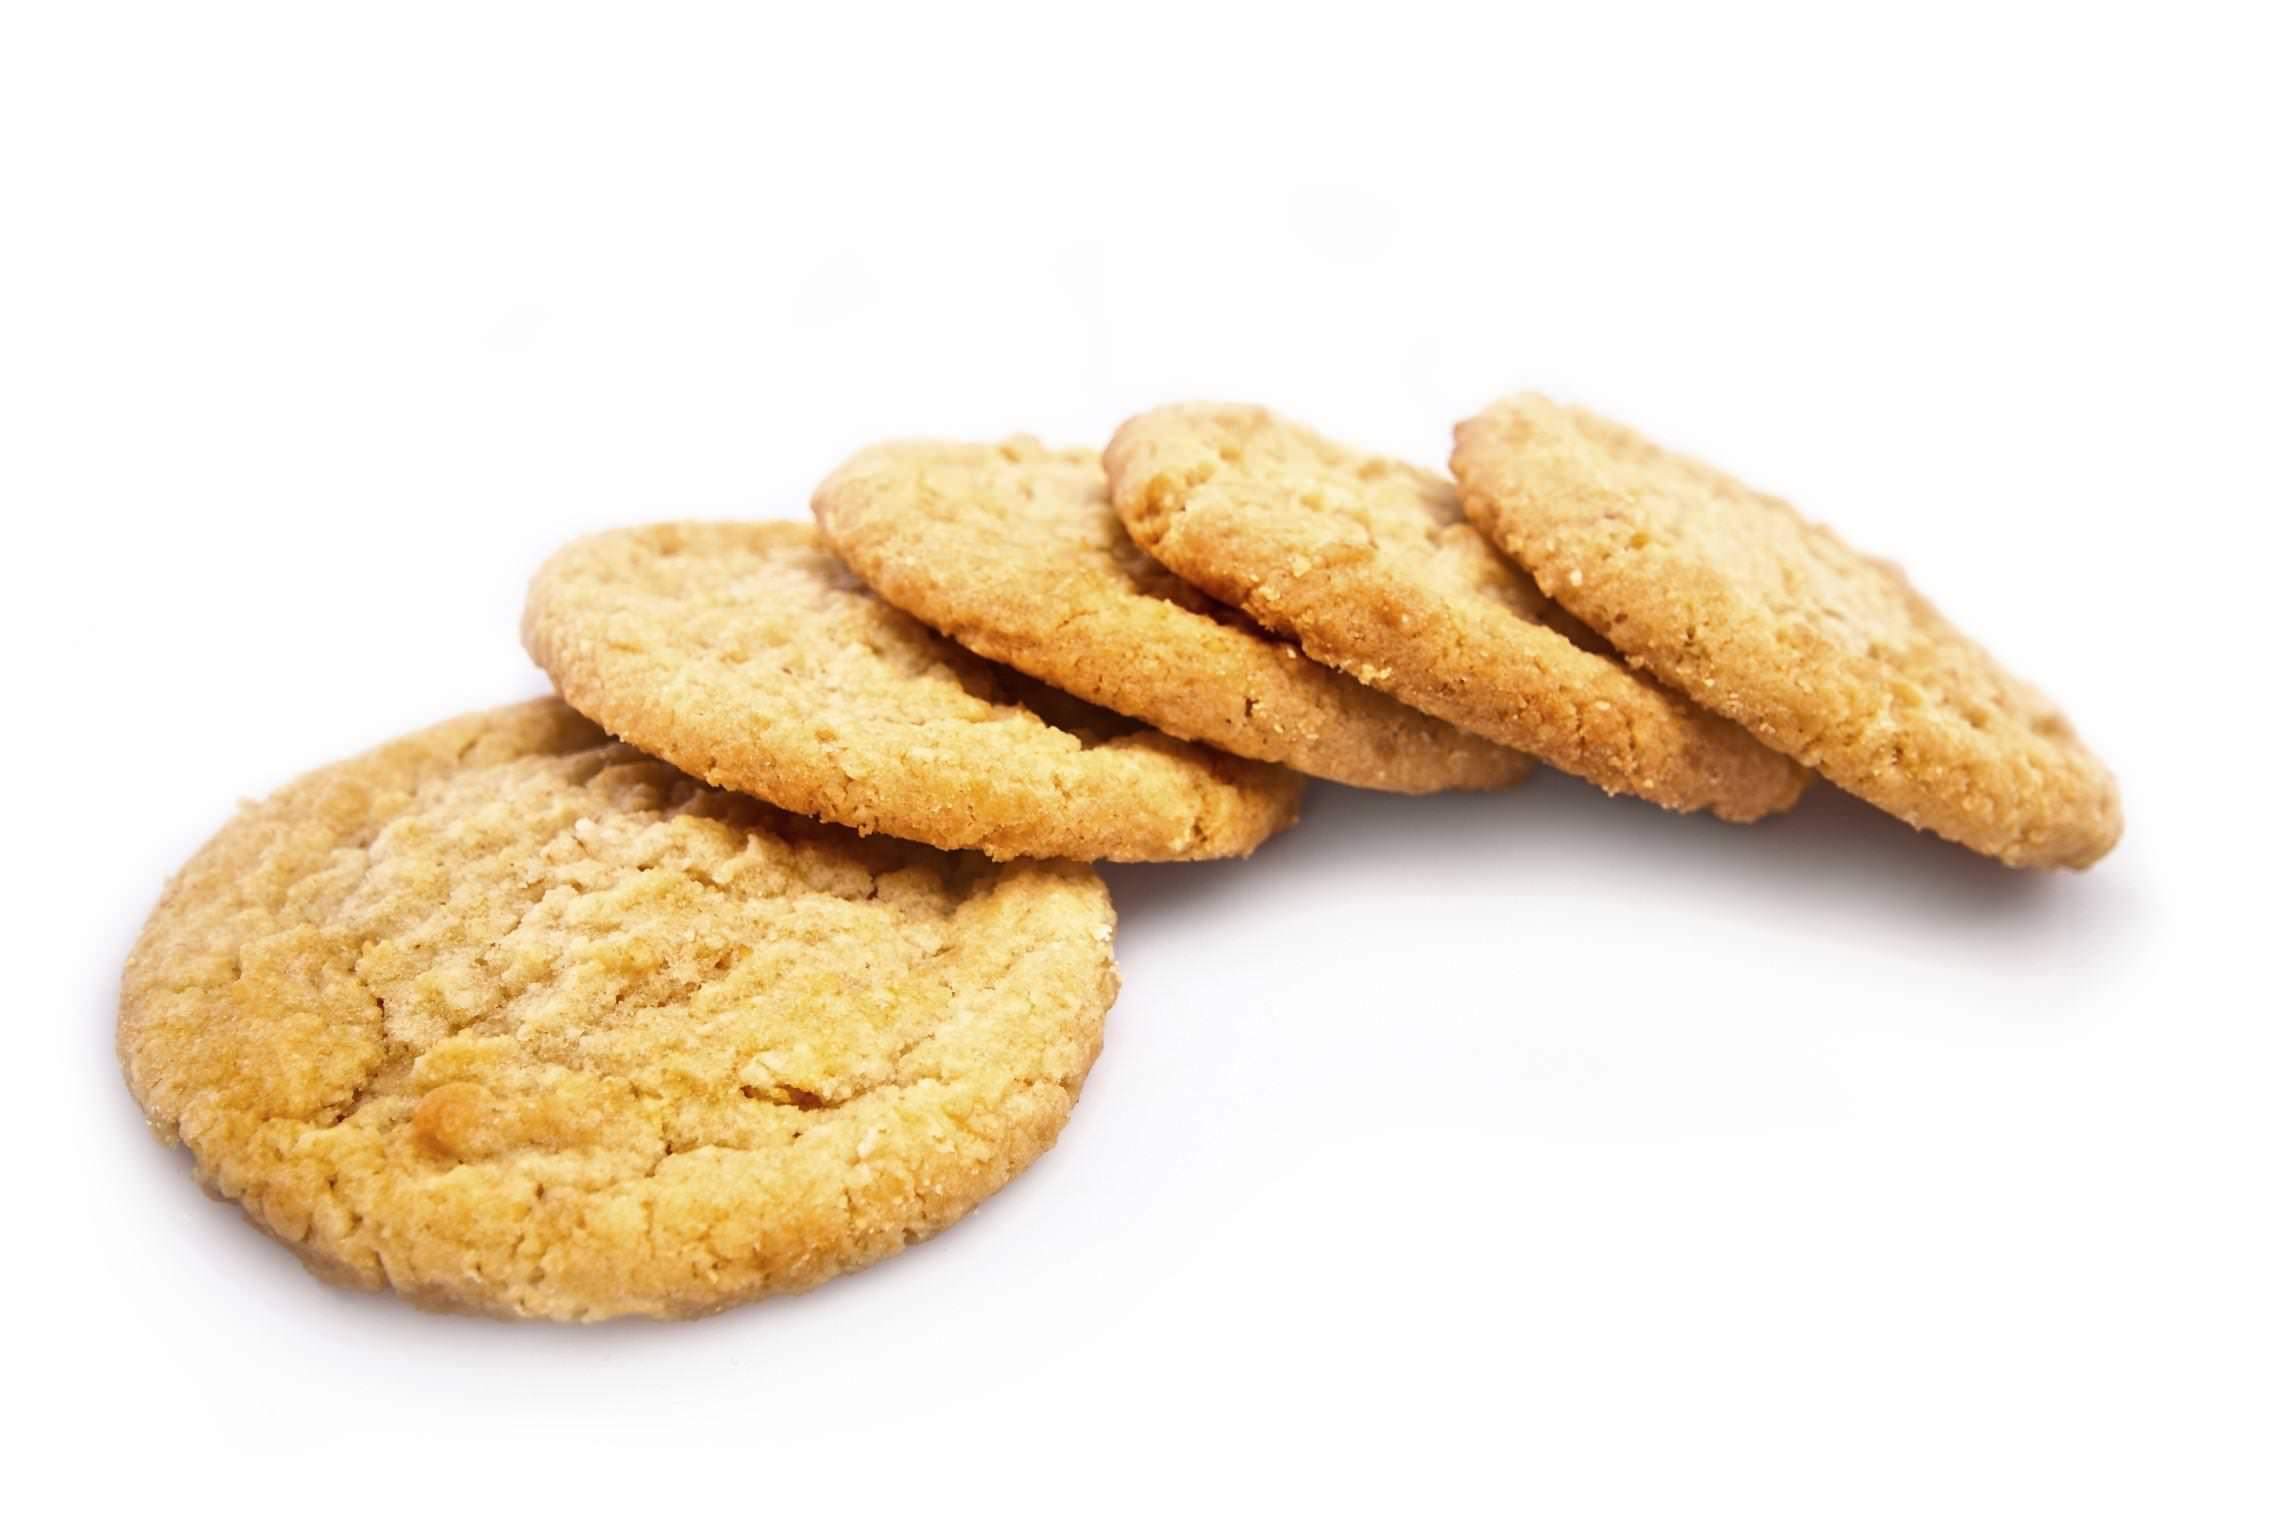 come-preparare-i-biscotti-di-avena-e-cocco_16181e841c5f166d5373c7c2aeccd16e